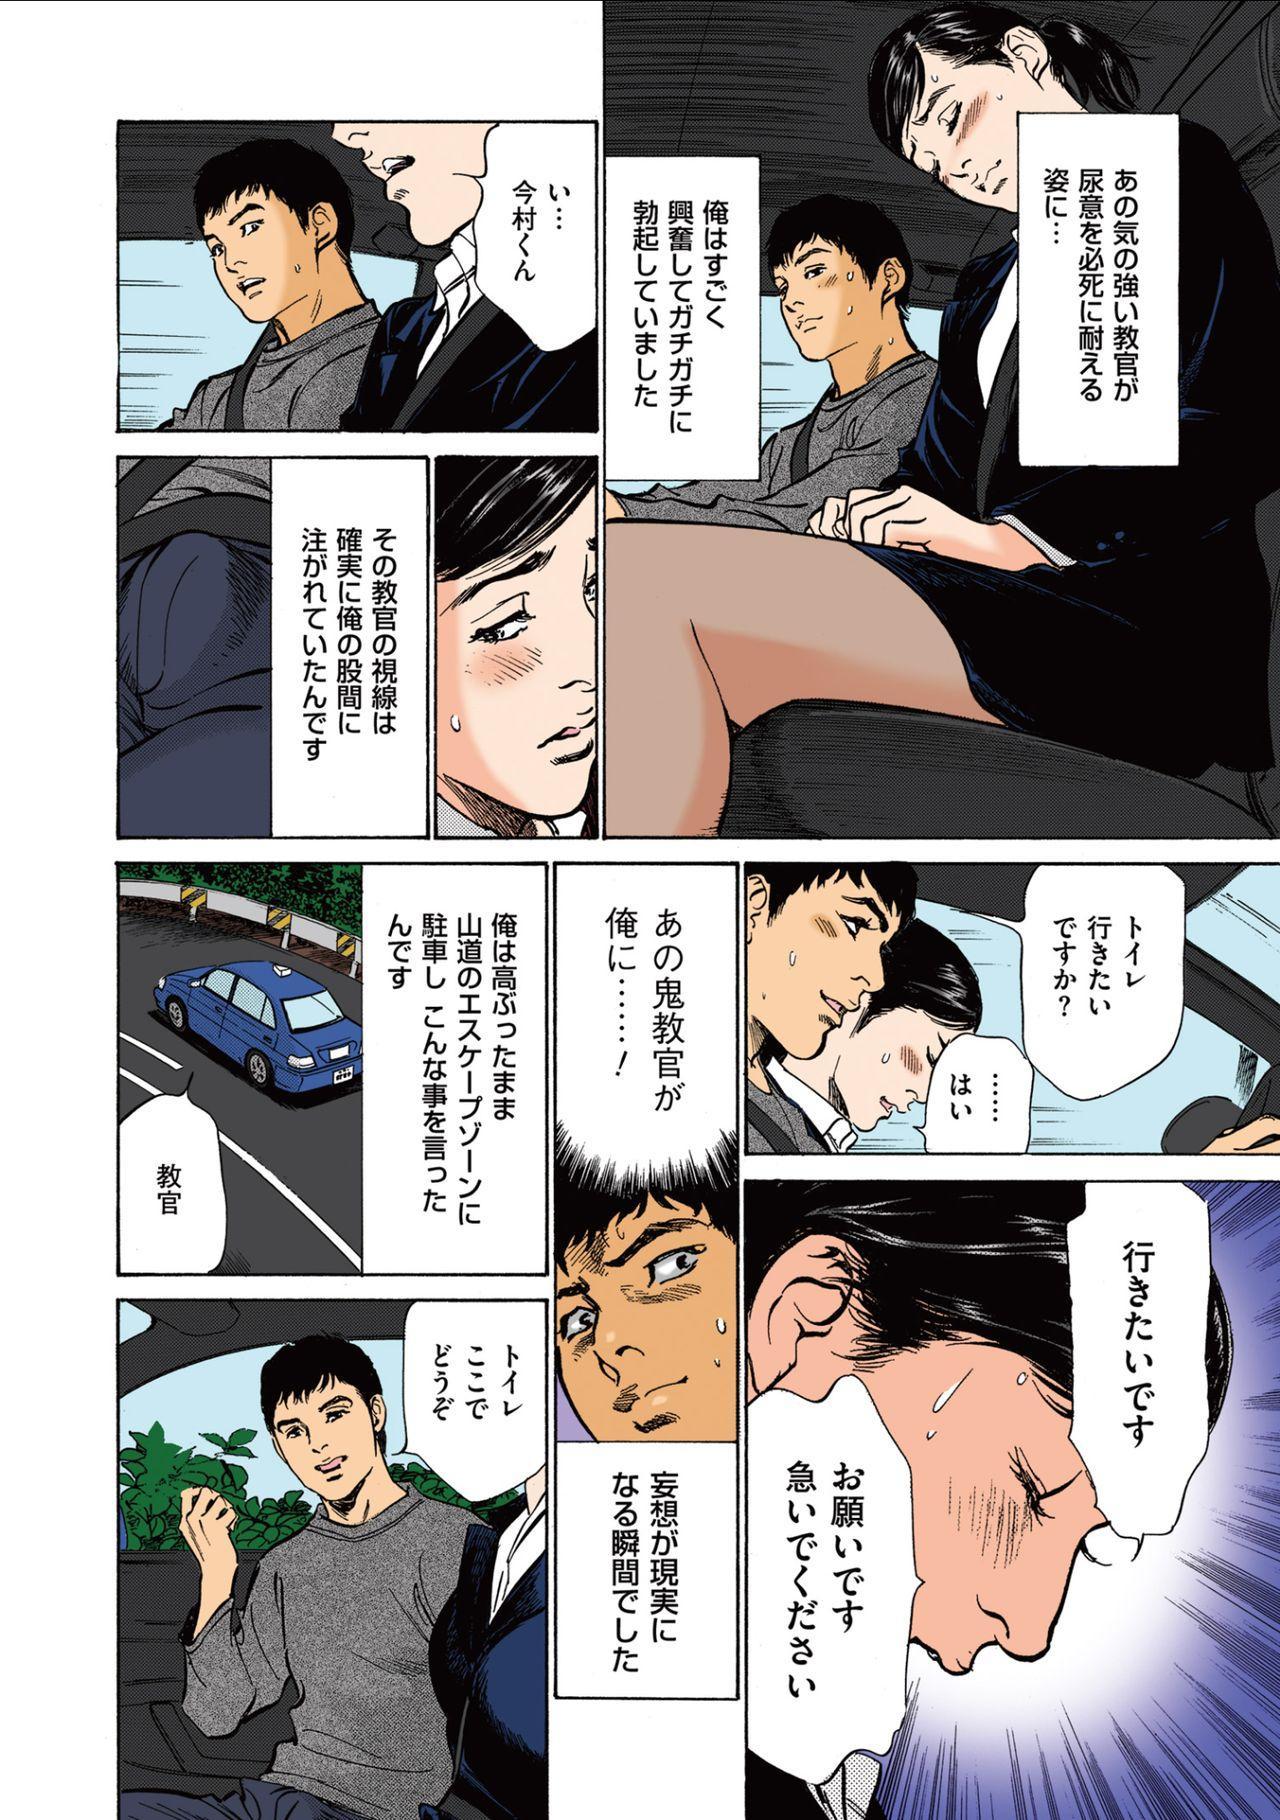 [Hazuki Kaoru] Hazuki Kaoru no Tamaranai Hanashi (Full Color Version) 1-2 11